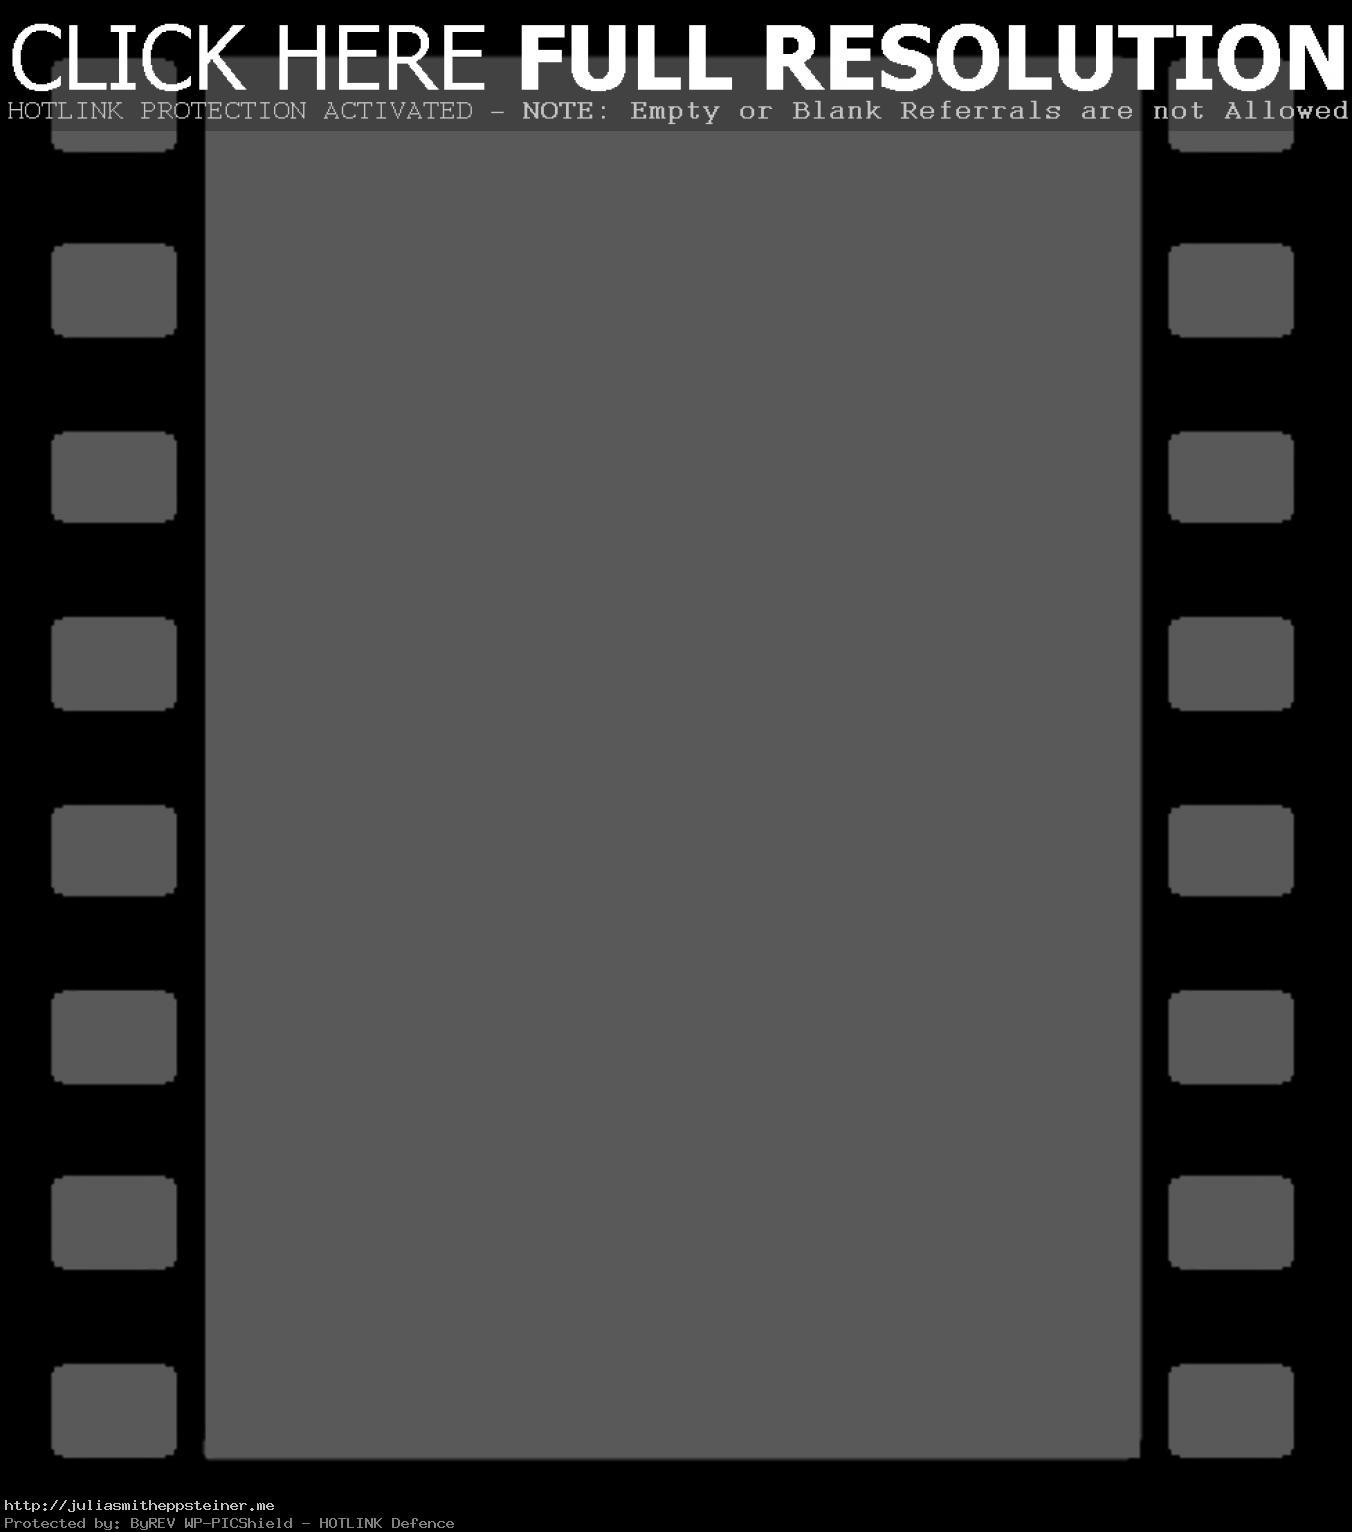 . ClipartLook.com Movie Film Strip Clipa-. ClipartLook.com Movie Film Strip Clipart Free Clip Art Images Sonlight Studios ClipartLook.com -10